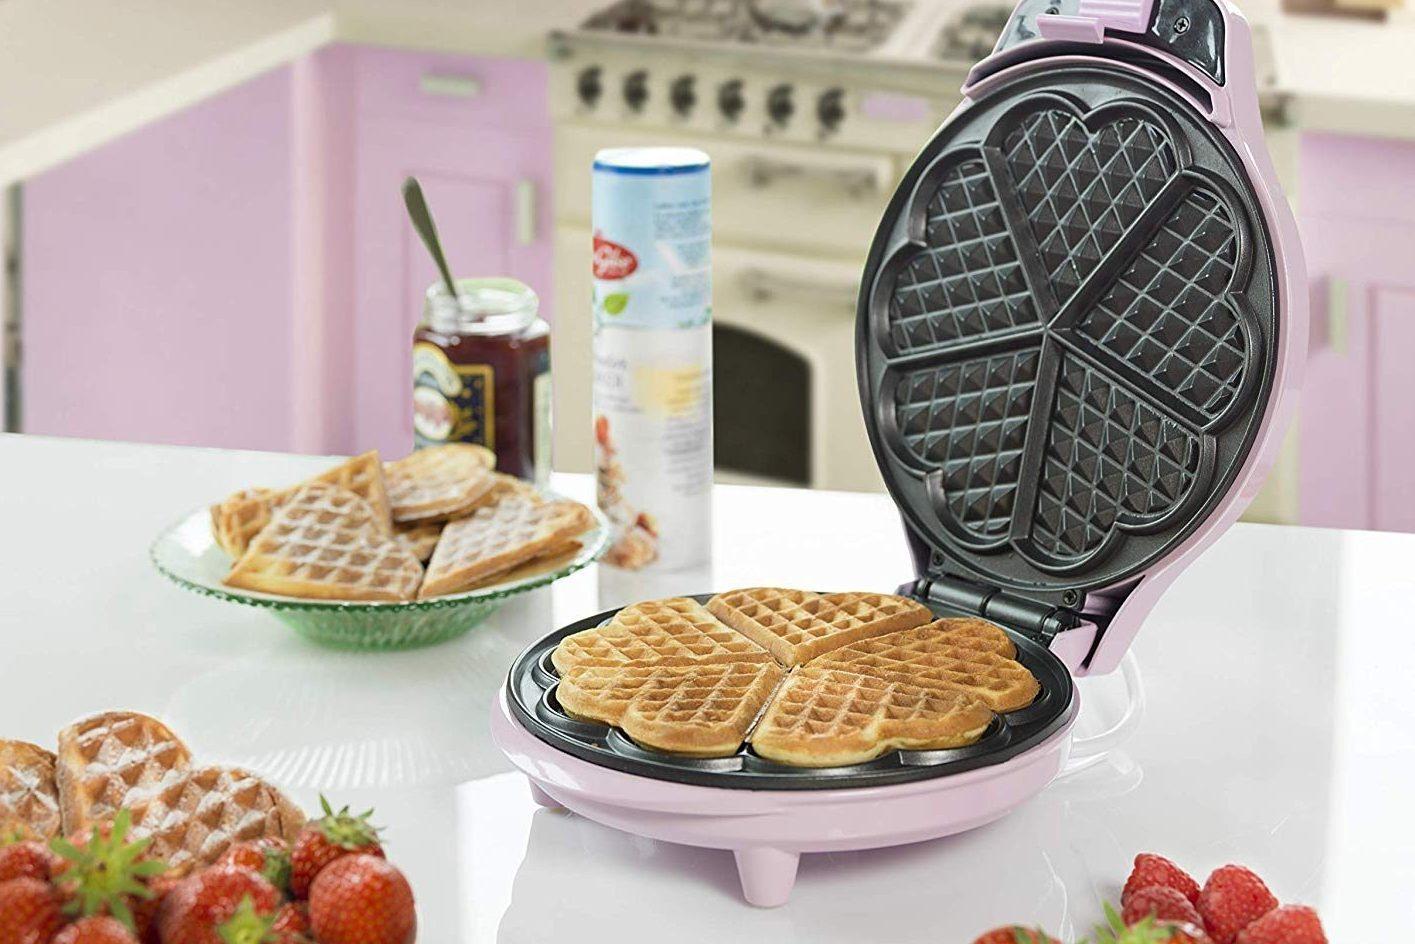 Migliori piastre per waffle: classifica, opinioni e prezzi